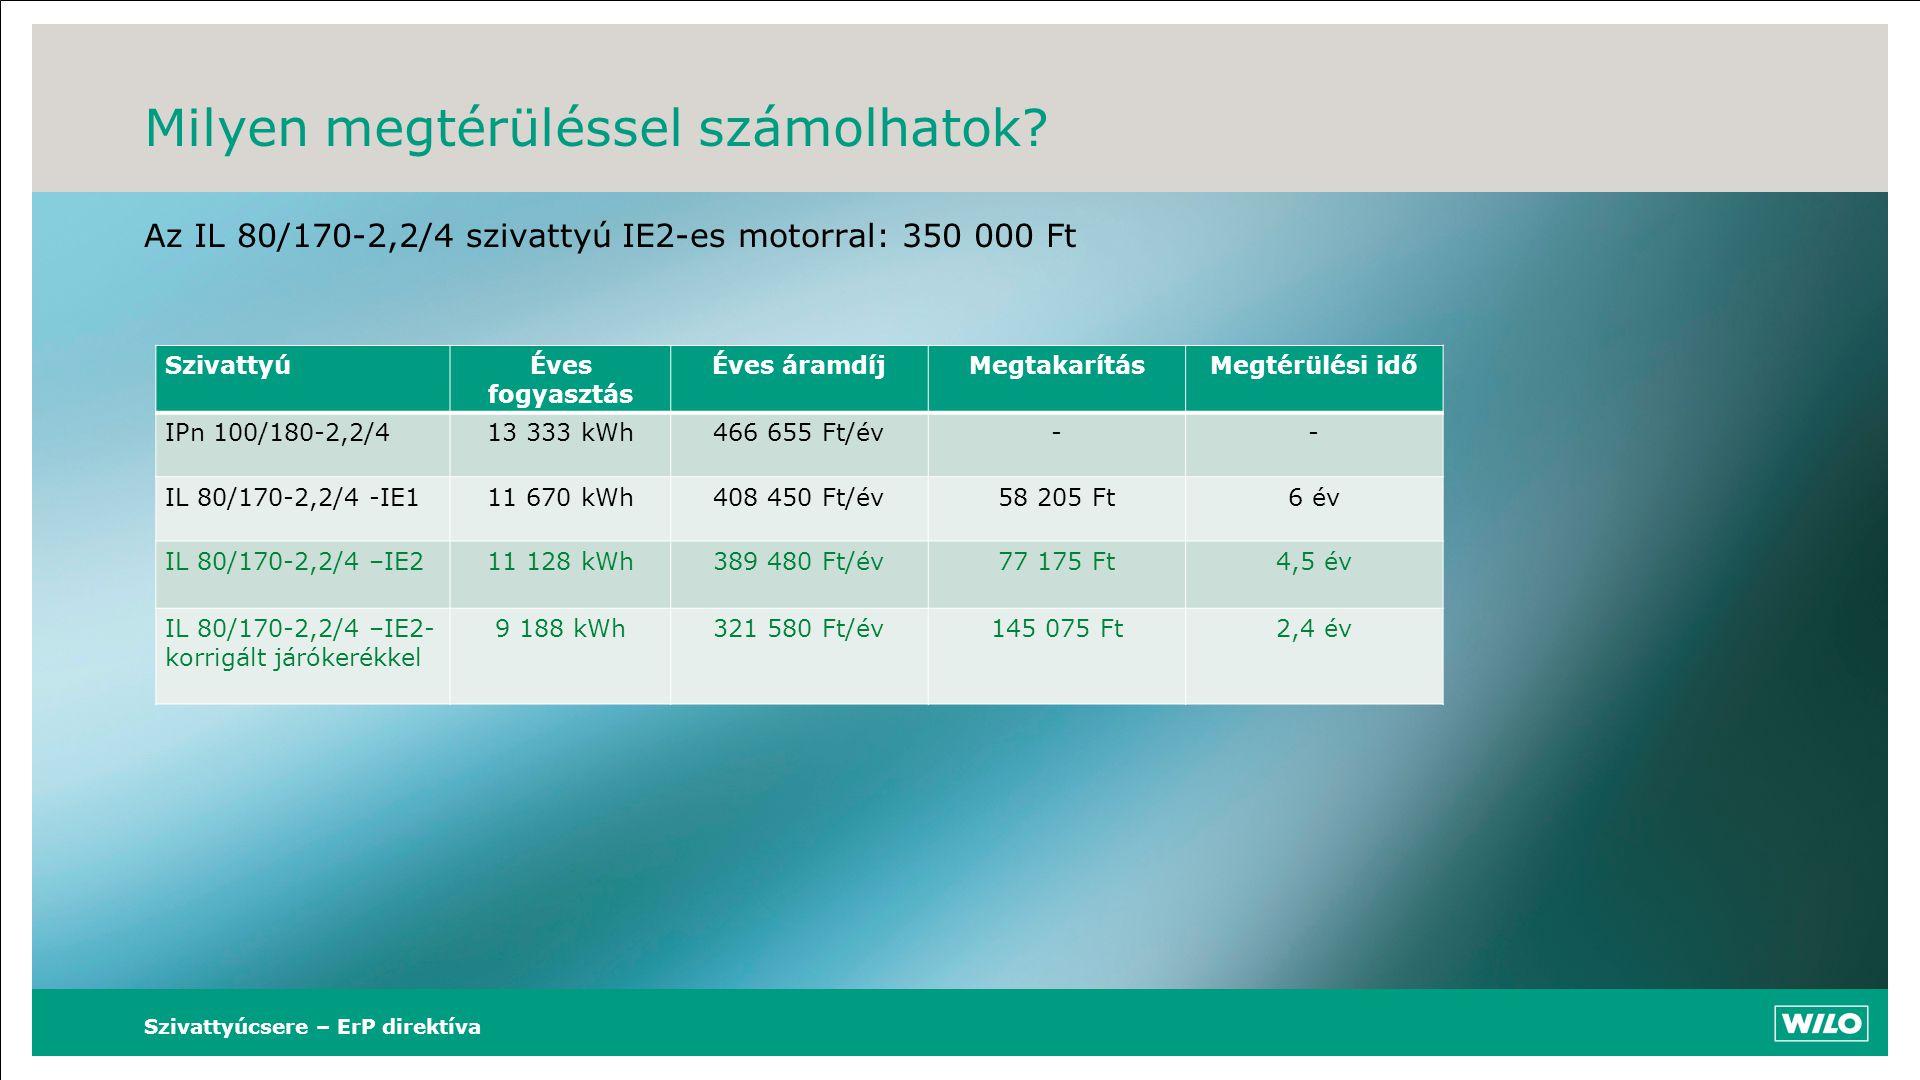 Milyen megtérüléssel számolhatok? Az IL 80/170-2,2/4 szivattyú IE2-es motorral: 350 000 Ft Szivattyúcsere – ErP direktíva SzivattyúÉves fogyasztás Éve